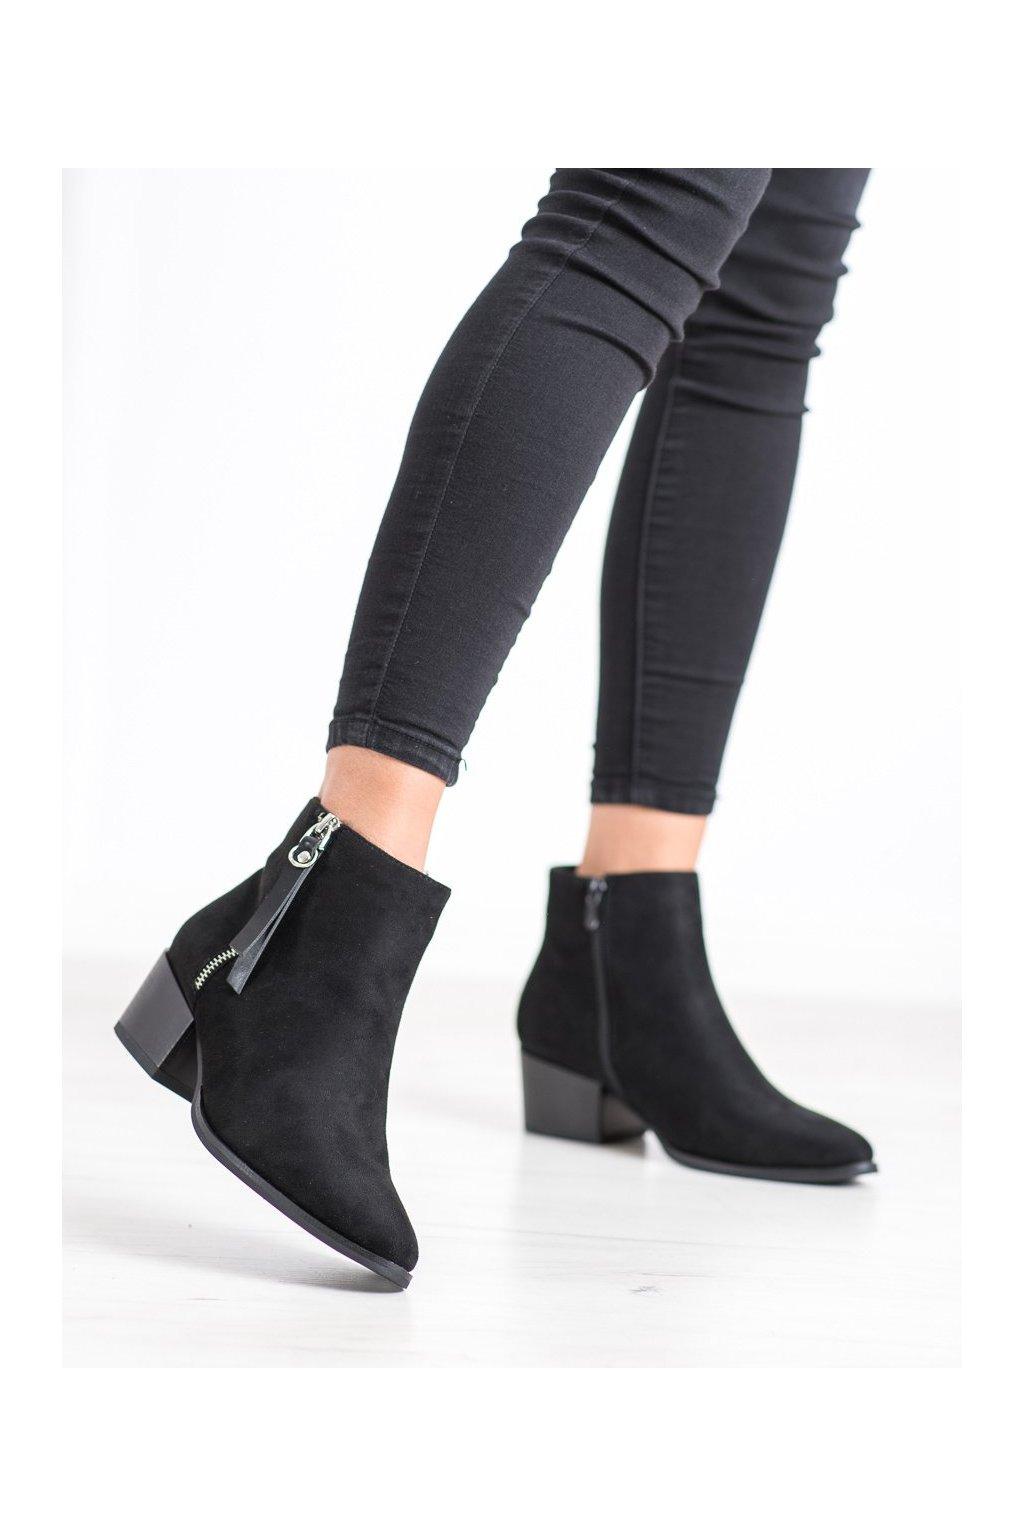 Čierne dámske topánky Evento kod 20BT35-3028B